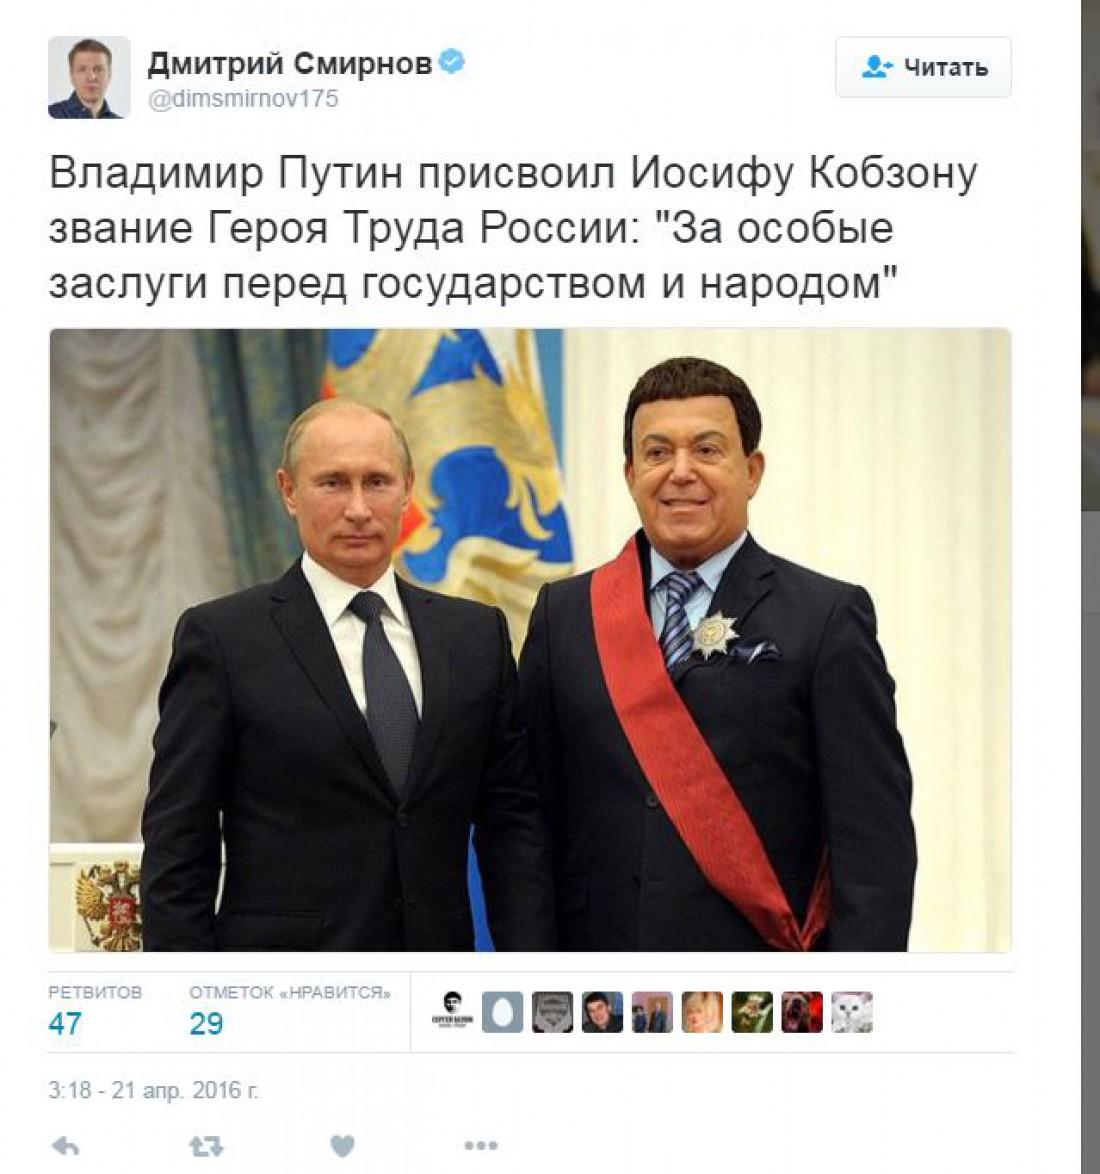 Певец и президент России